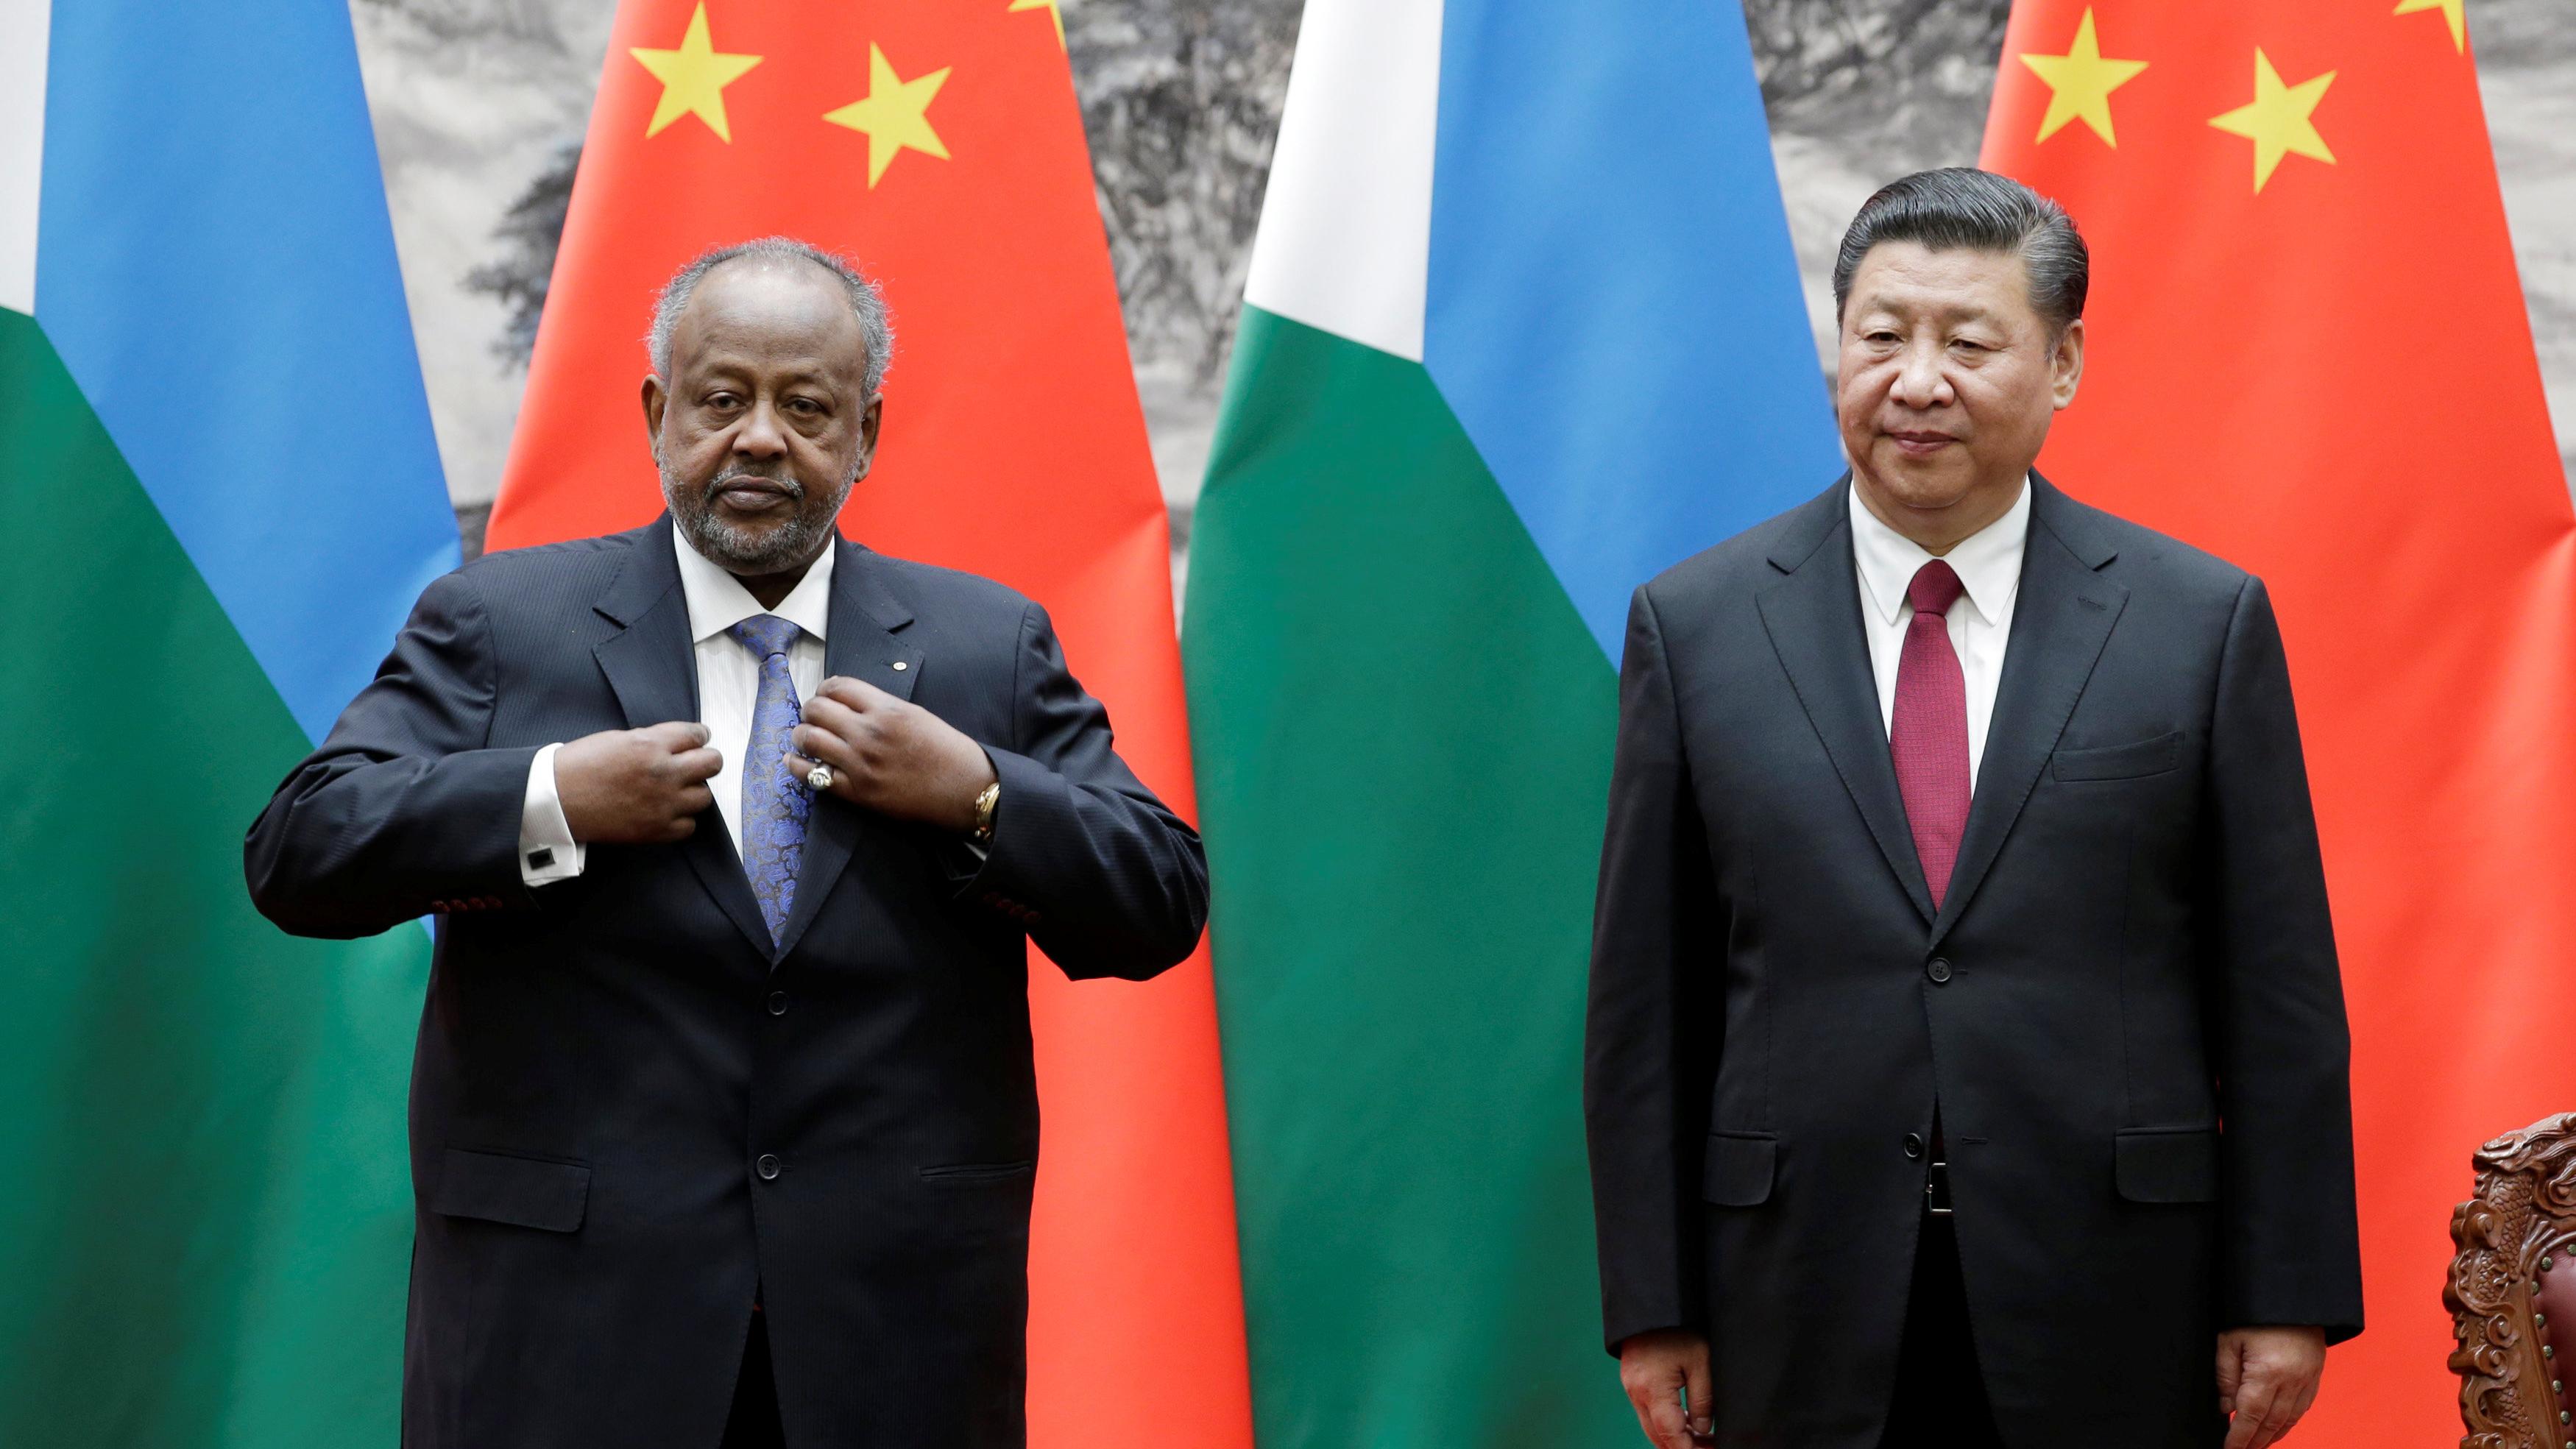 习近平同来访的吉布提总统盖莱举行会谈,中国在吉布提设立了军事基地。(路透社)